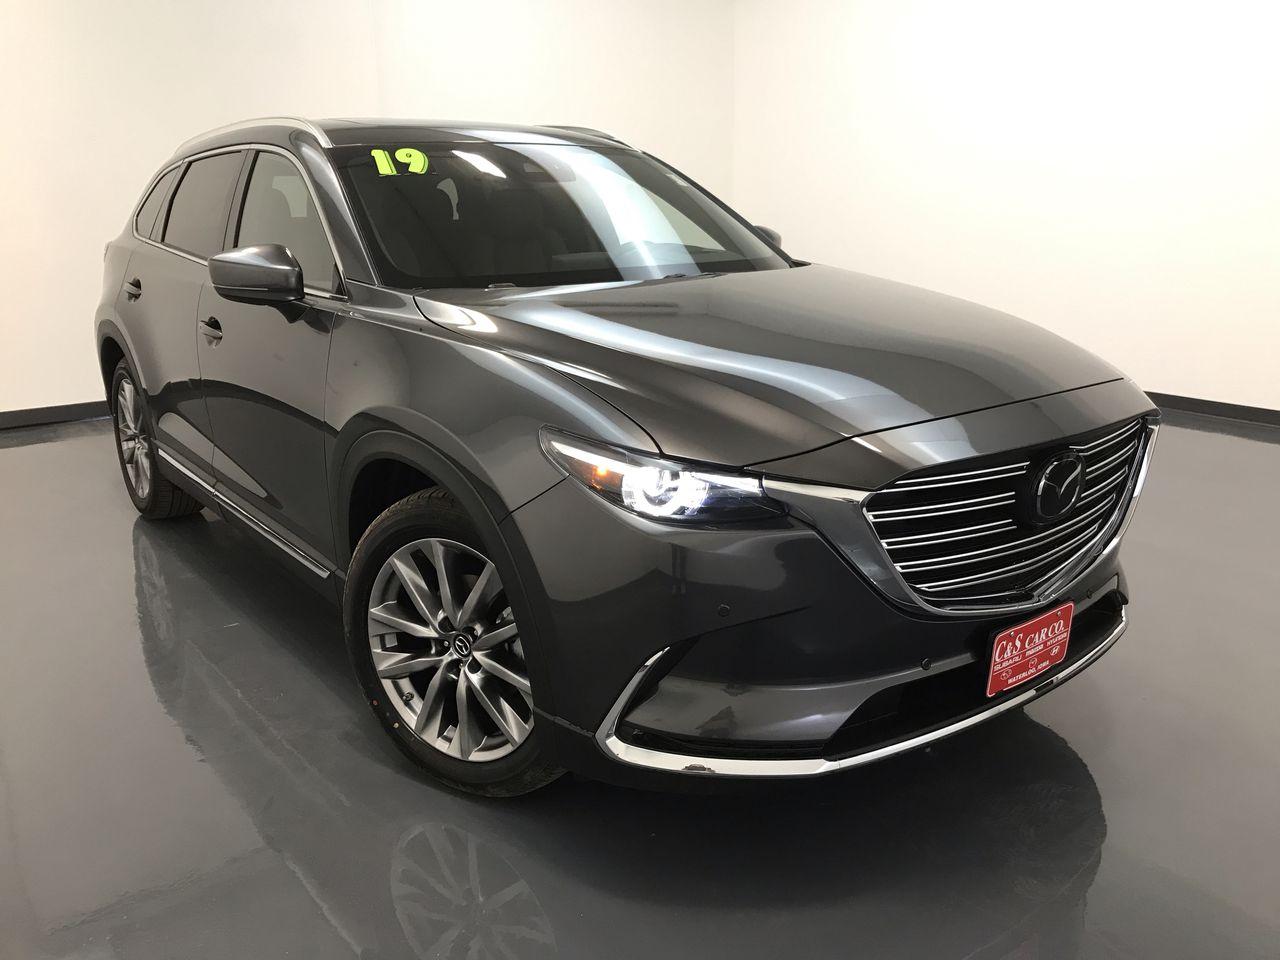 2019 Mazda CX-9  - C & S Car Company